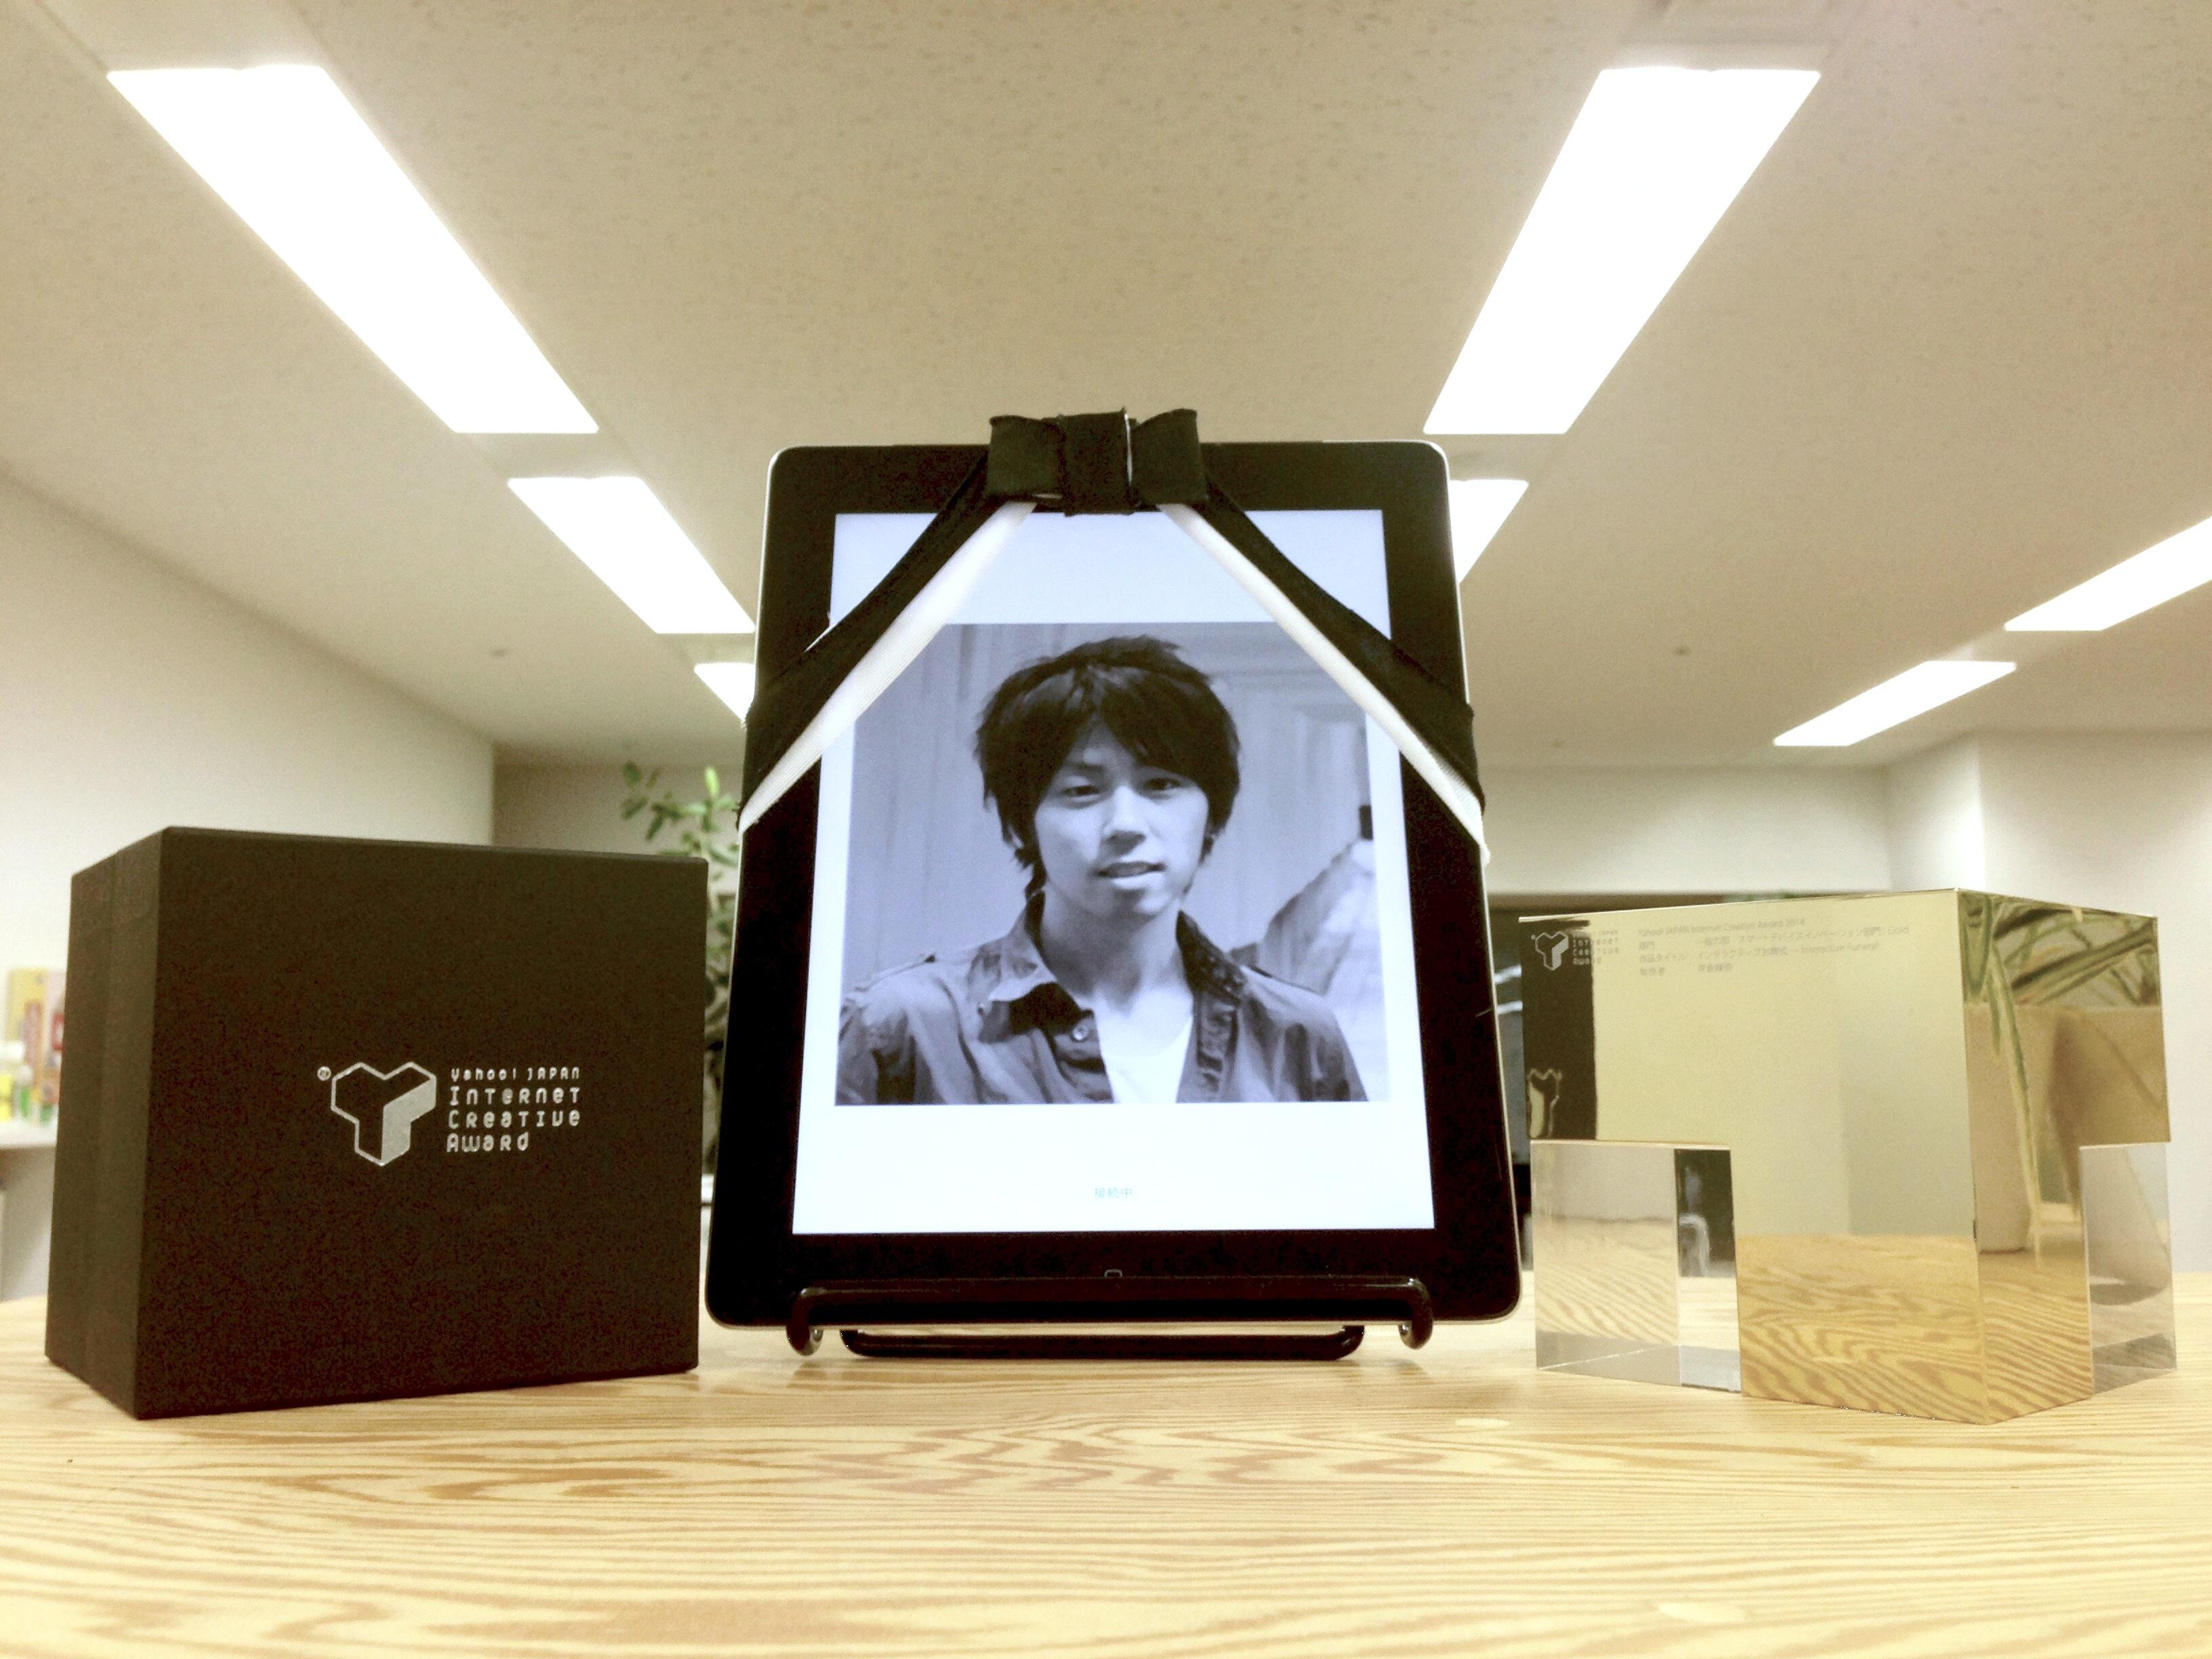 「インタラクティブお葬式」がYahoo! JAPAN インターネットクリエイティブアワード2014でゴールド受賞!